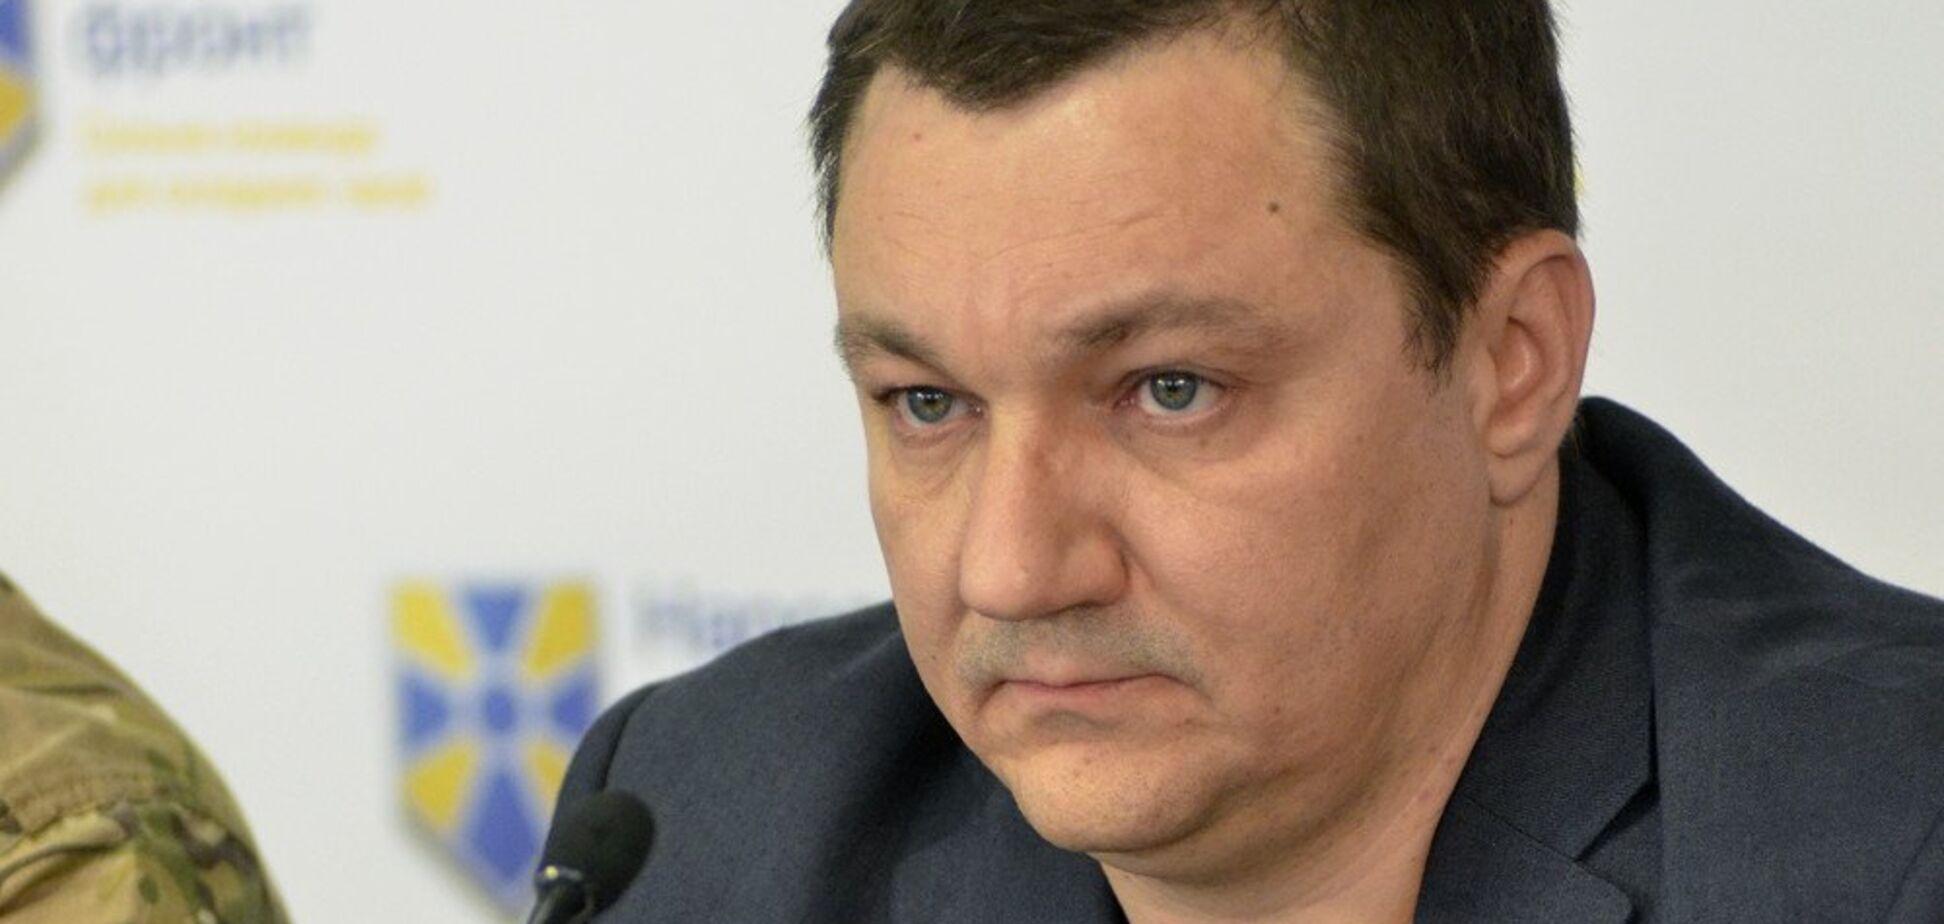 Гибель Дмитрия Тымчука: враг понимал огромное влияние волонтера